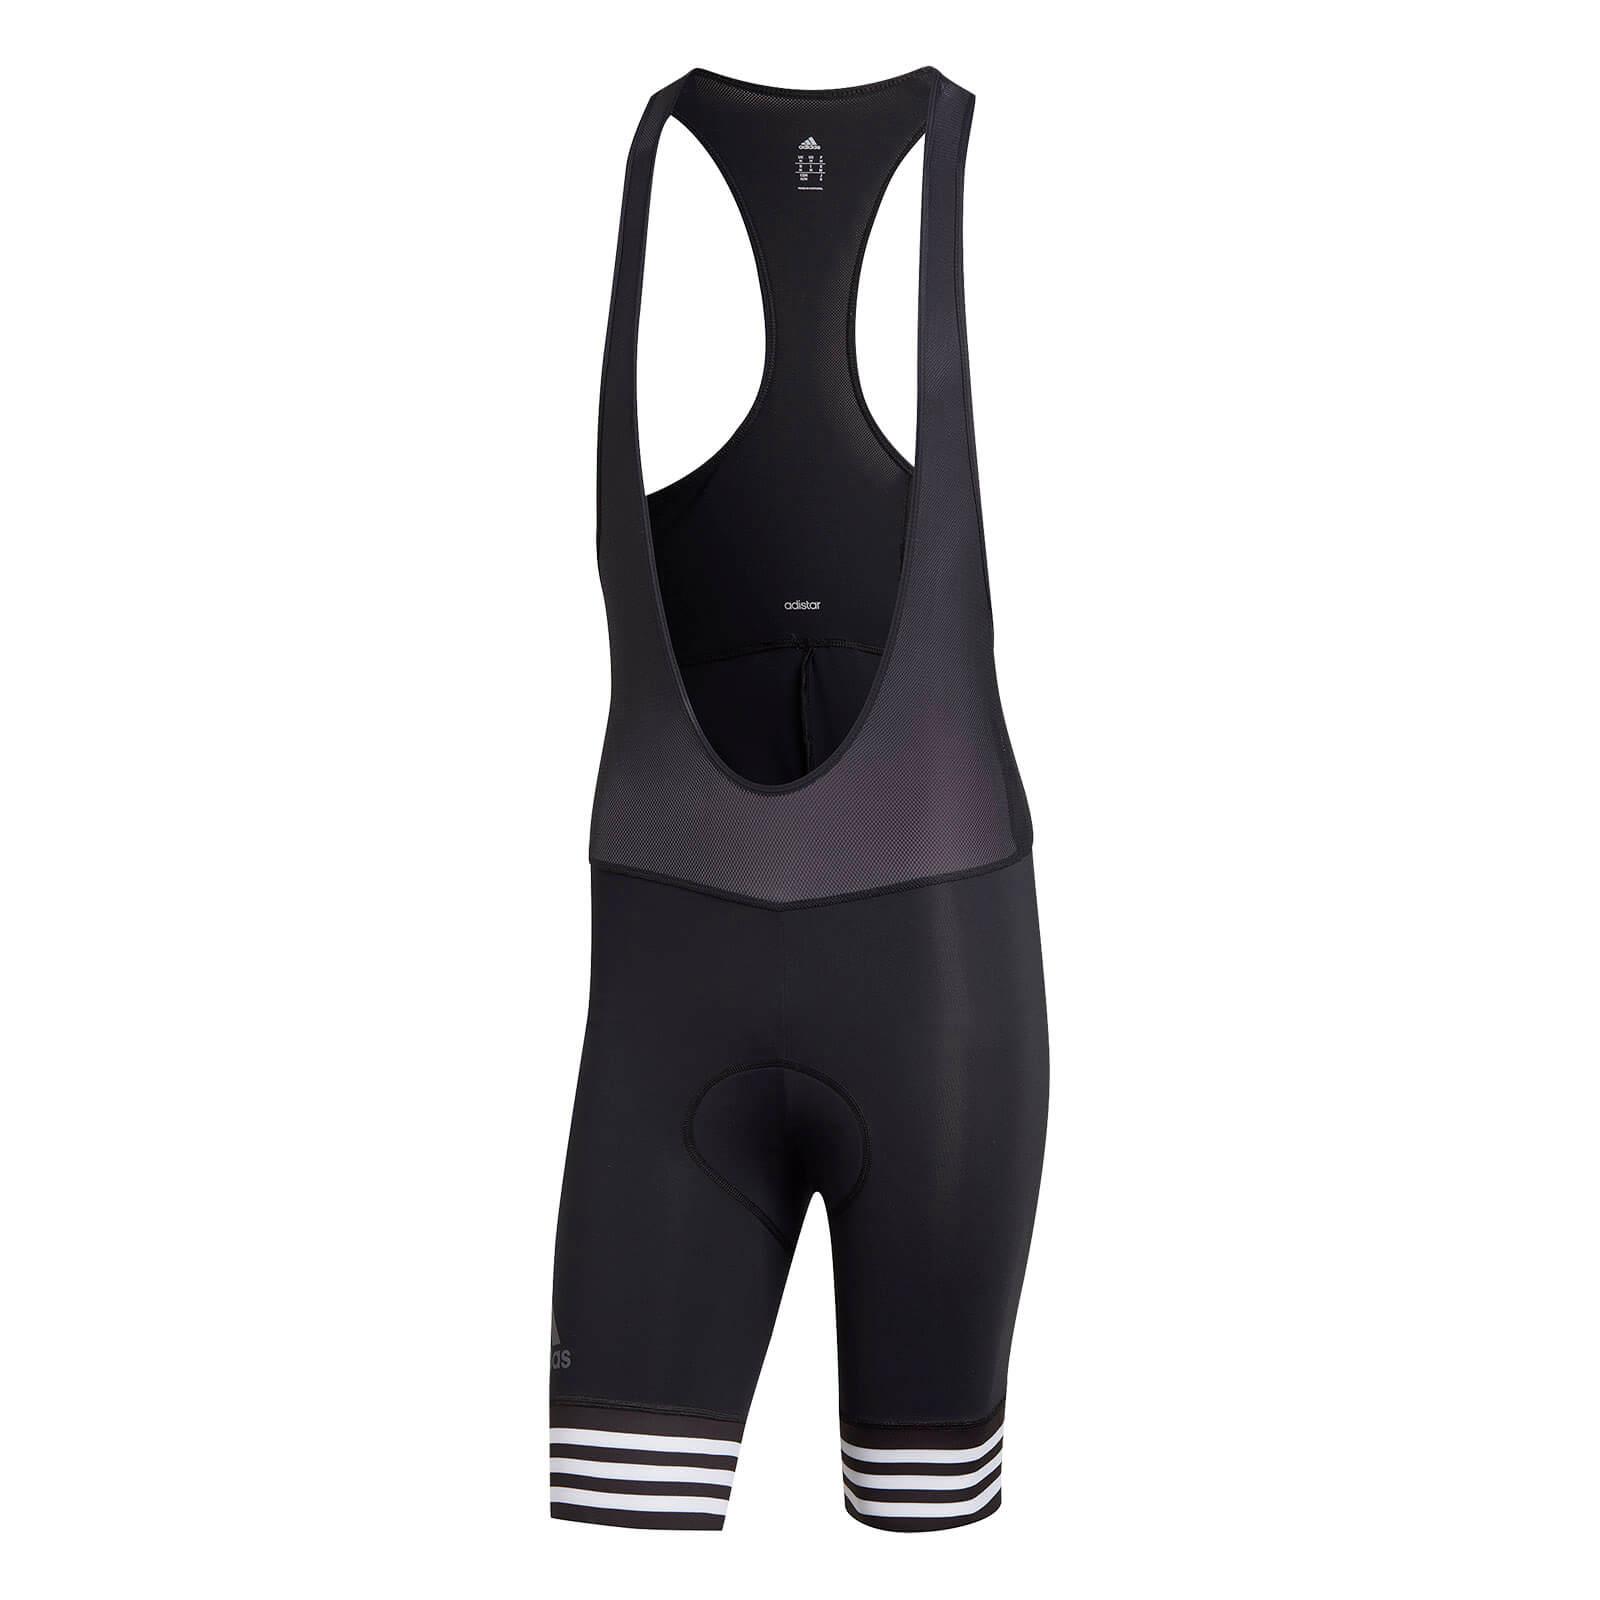 d6515e0b46a adidas Men s Adistar Bib Shorts - Black